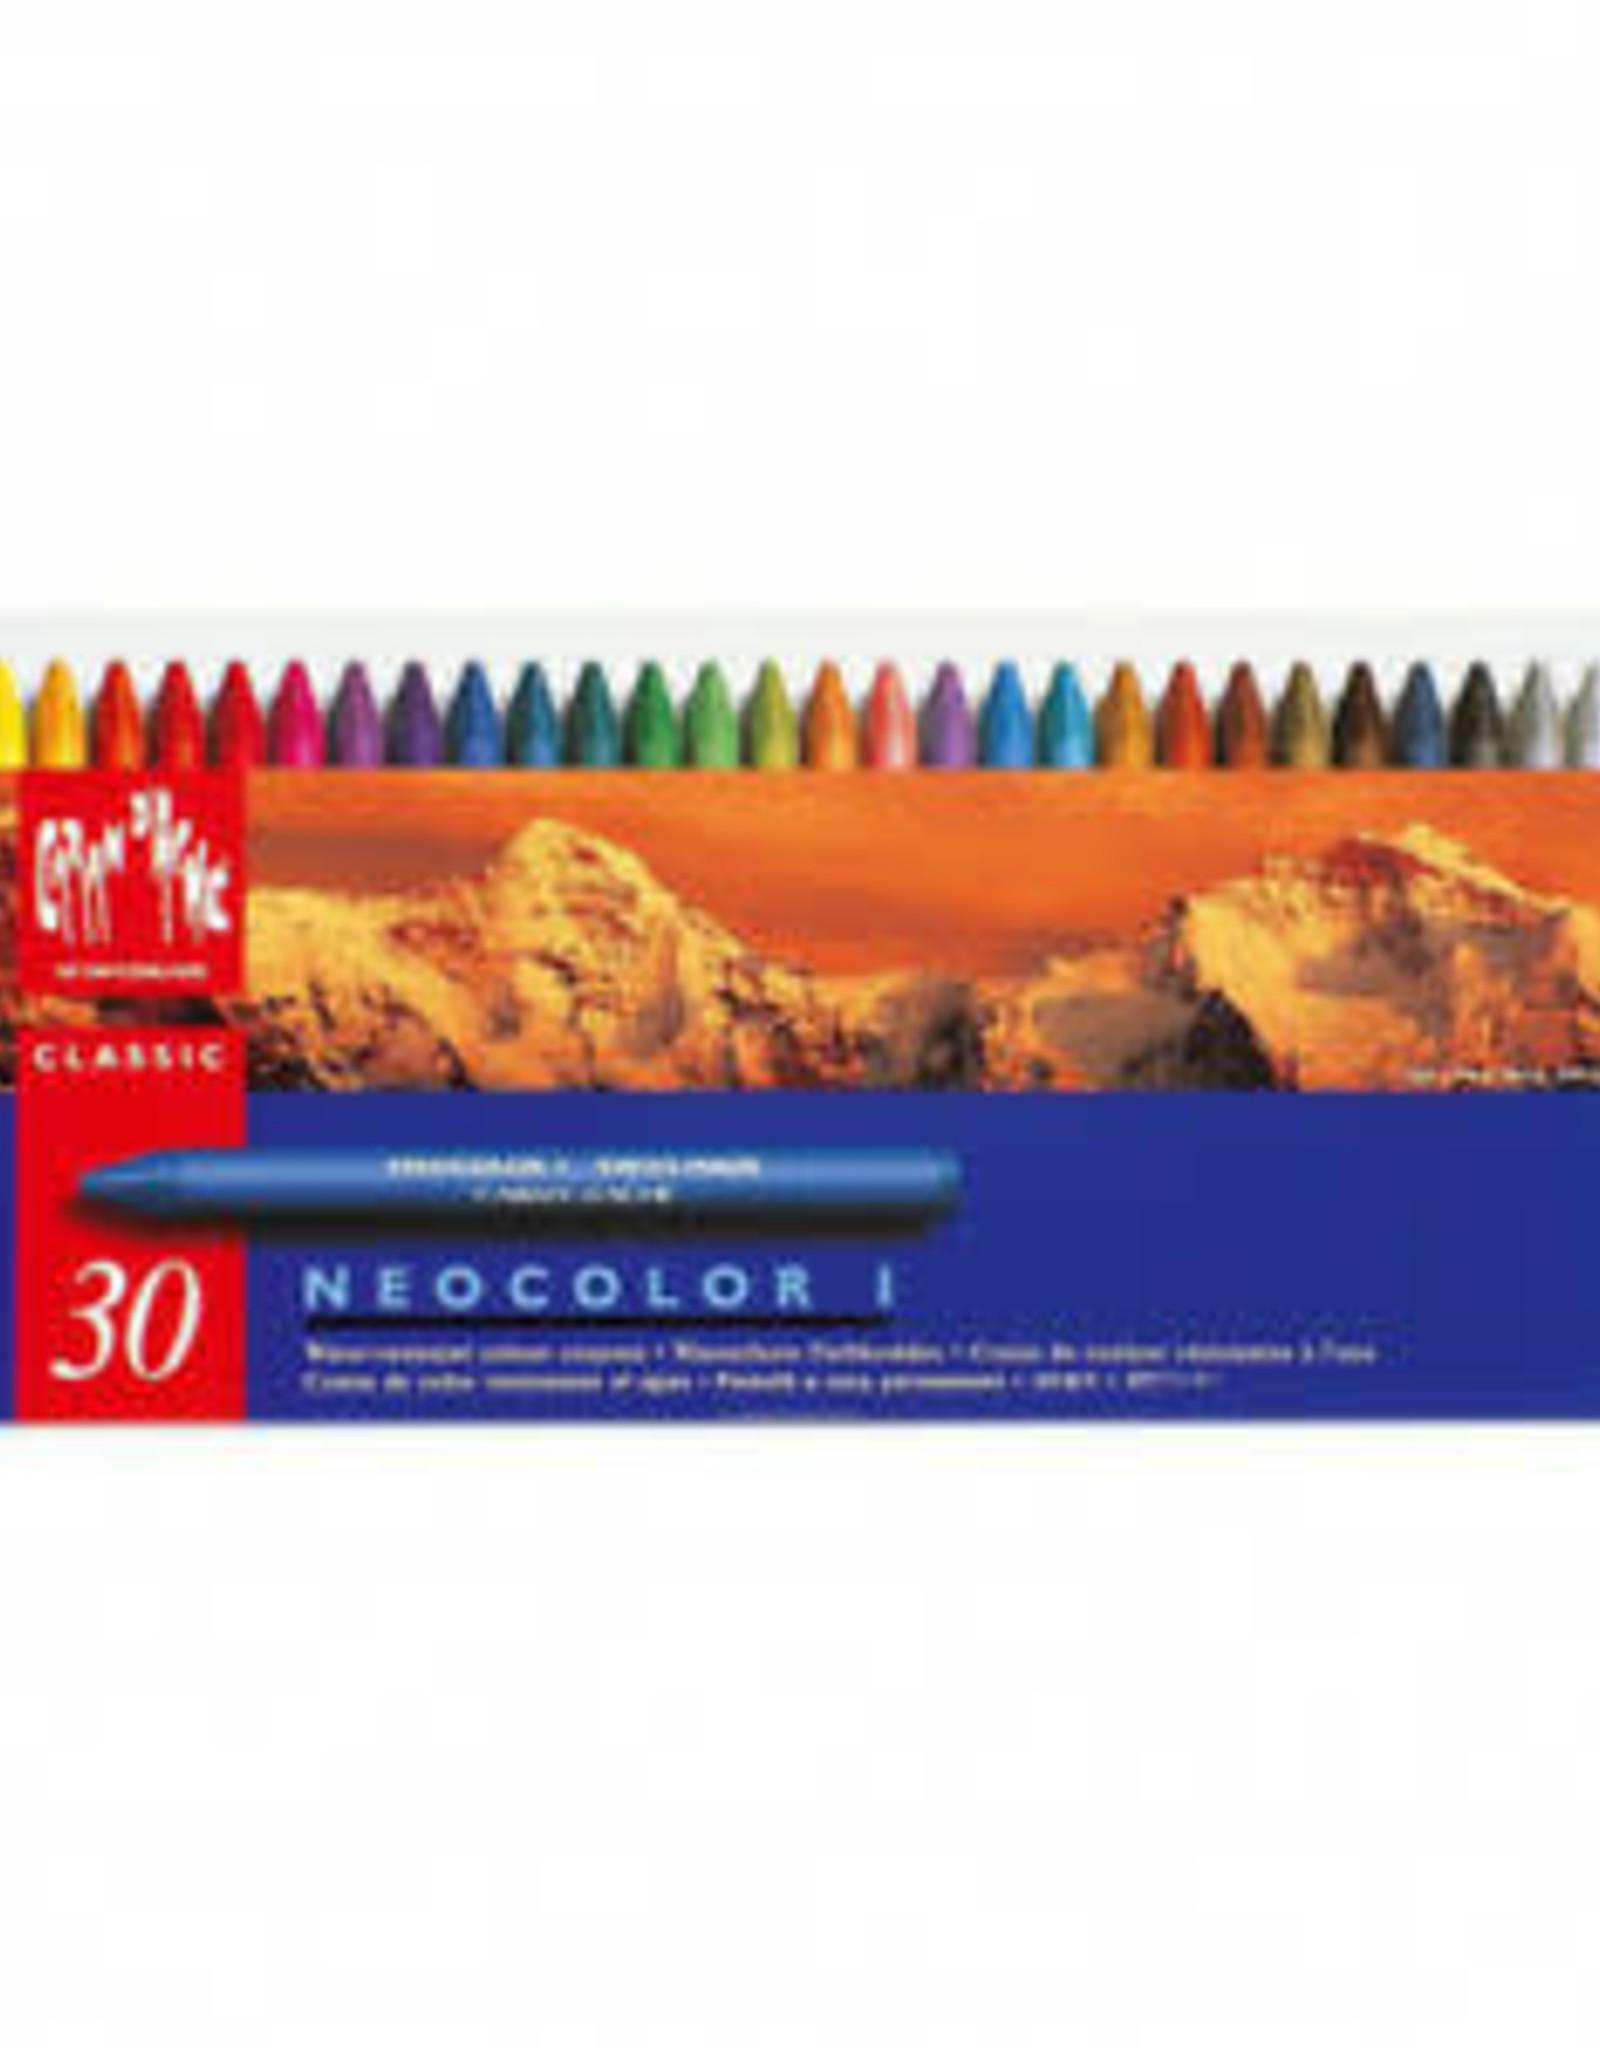 Neocolo I 30 stuks